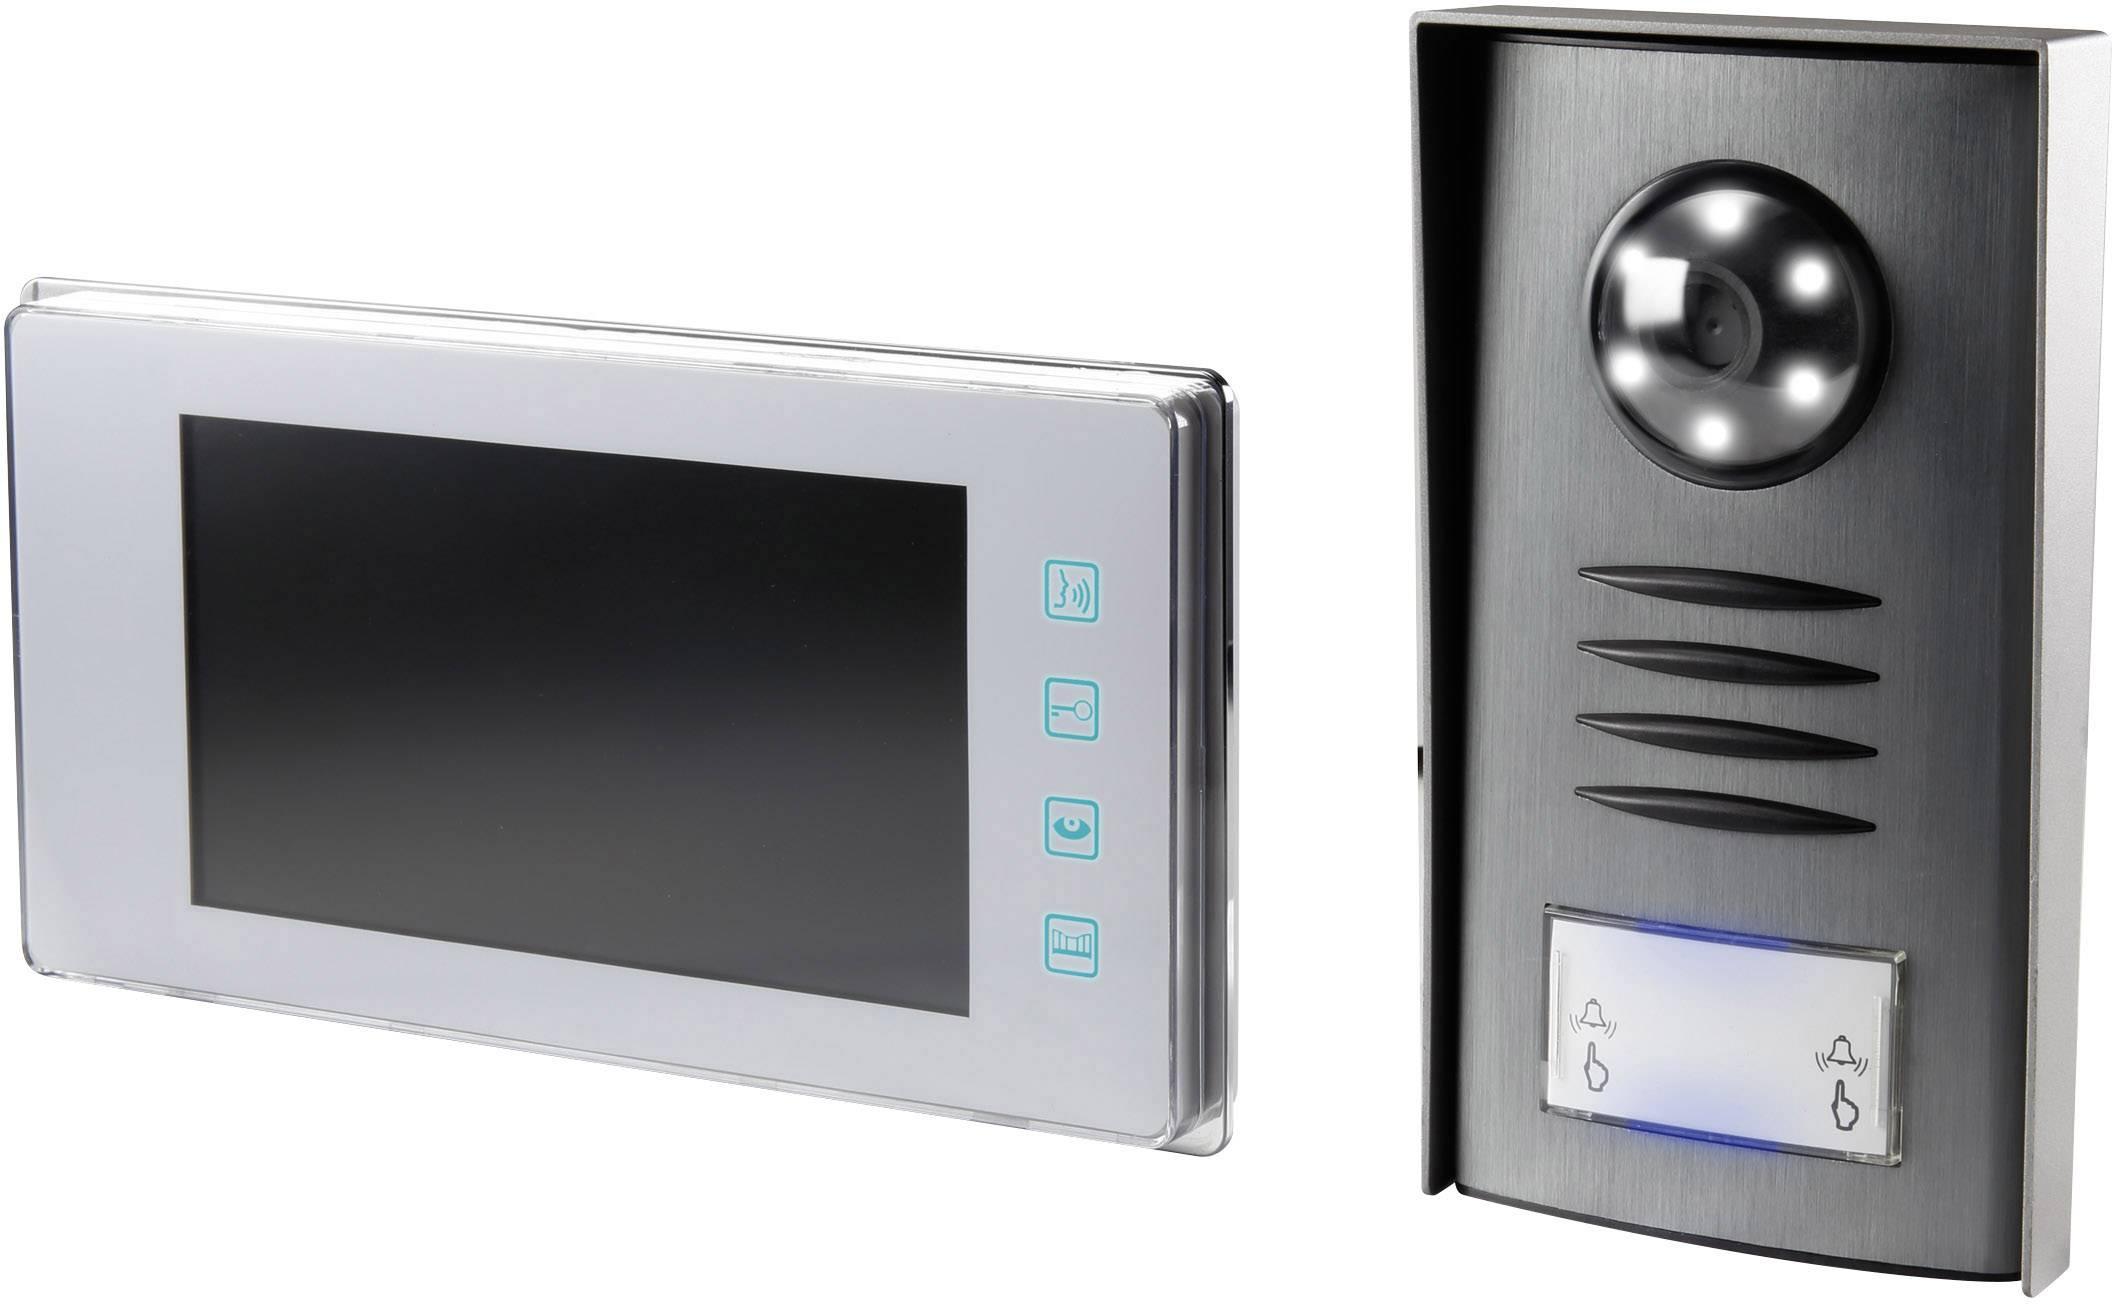 Káblový video dverový telefón Renkforce 1275881, kompletný set, pre 1 domácnosť, strieborná